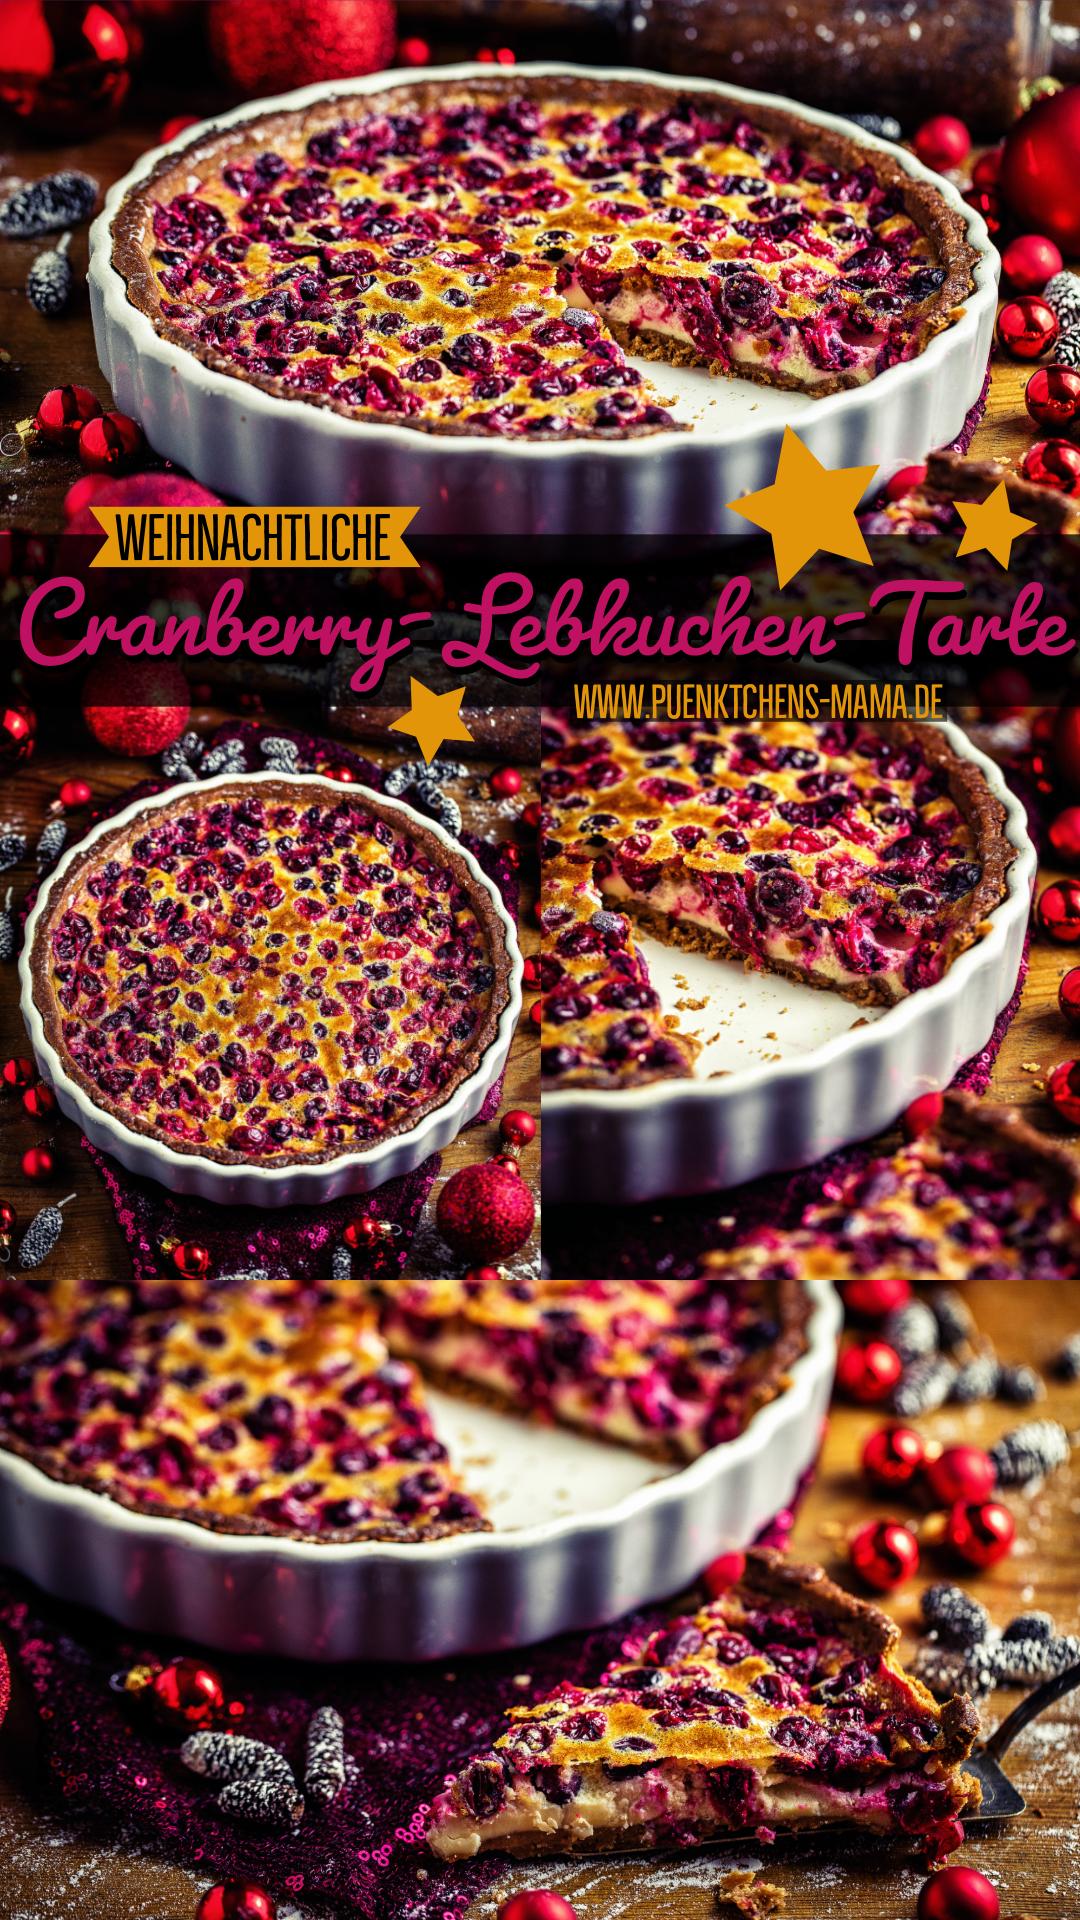 weihnachtliche cranberry-lebkuchen-tarte einfaches rezept